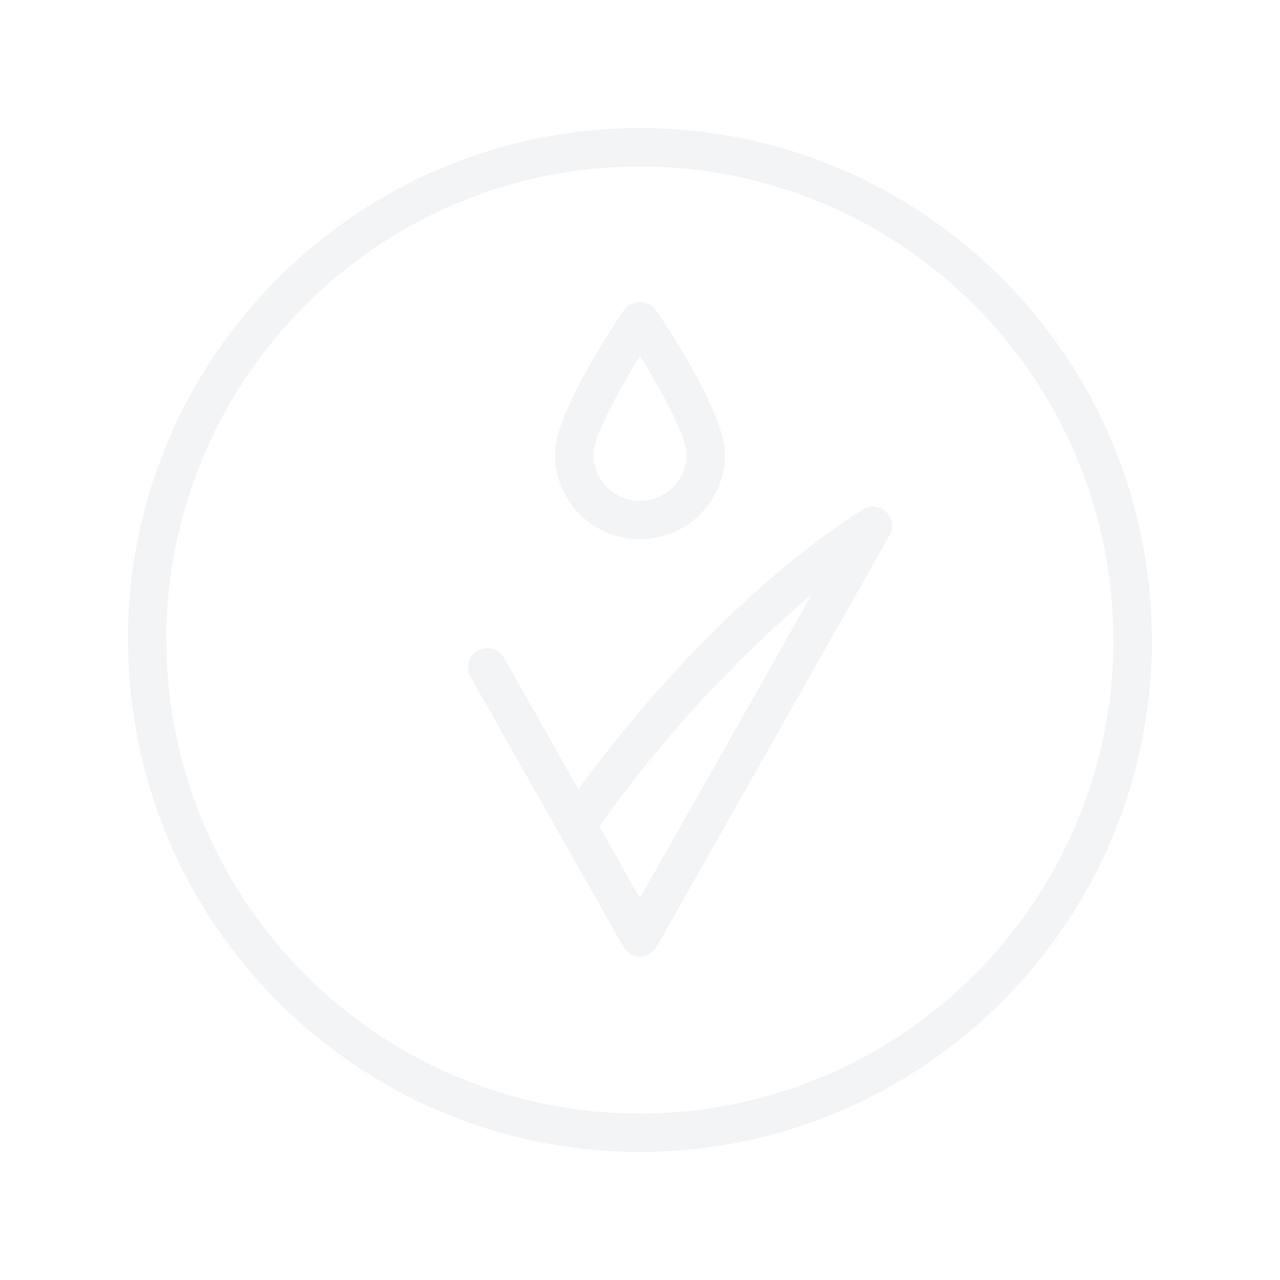 MISSHA Oil Control Paper матирующие салфетки 100pcs